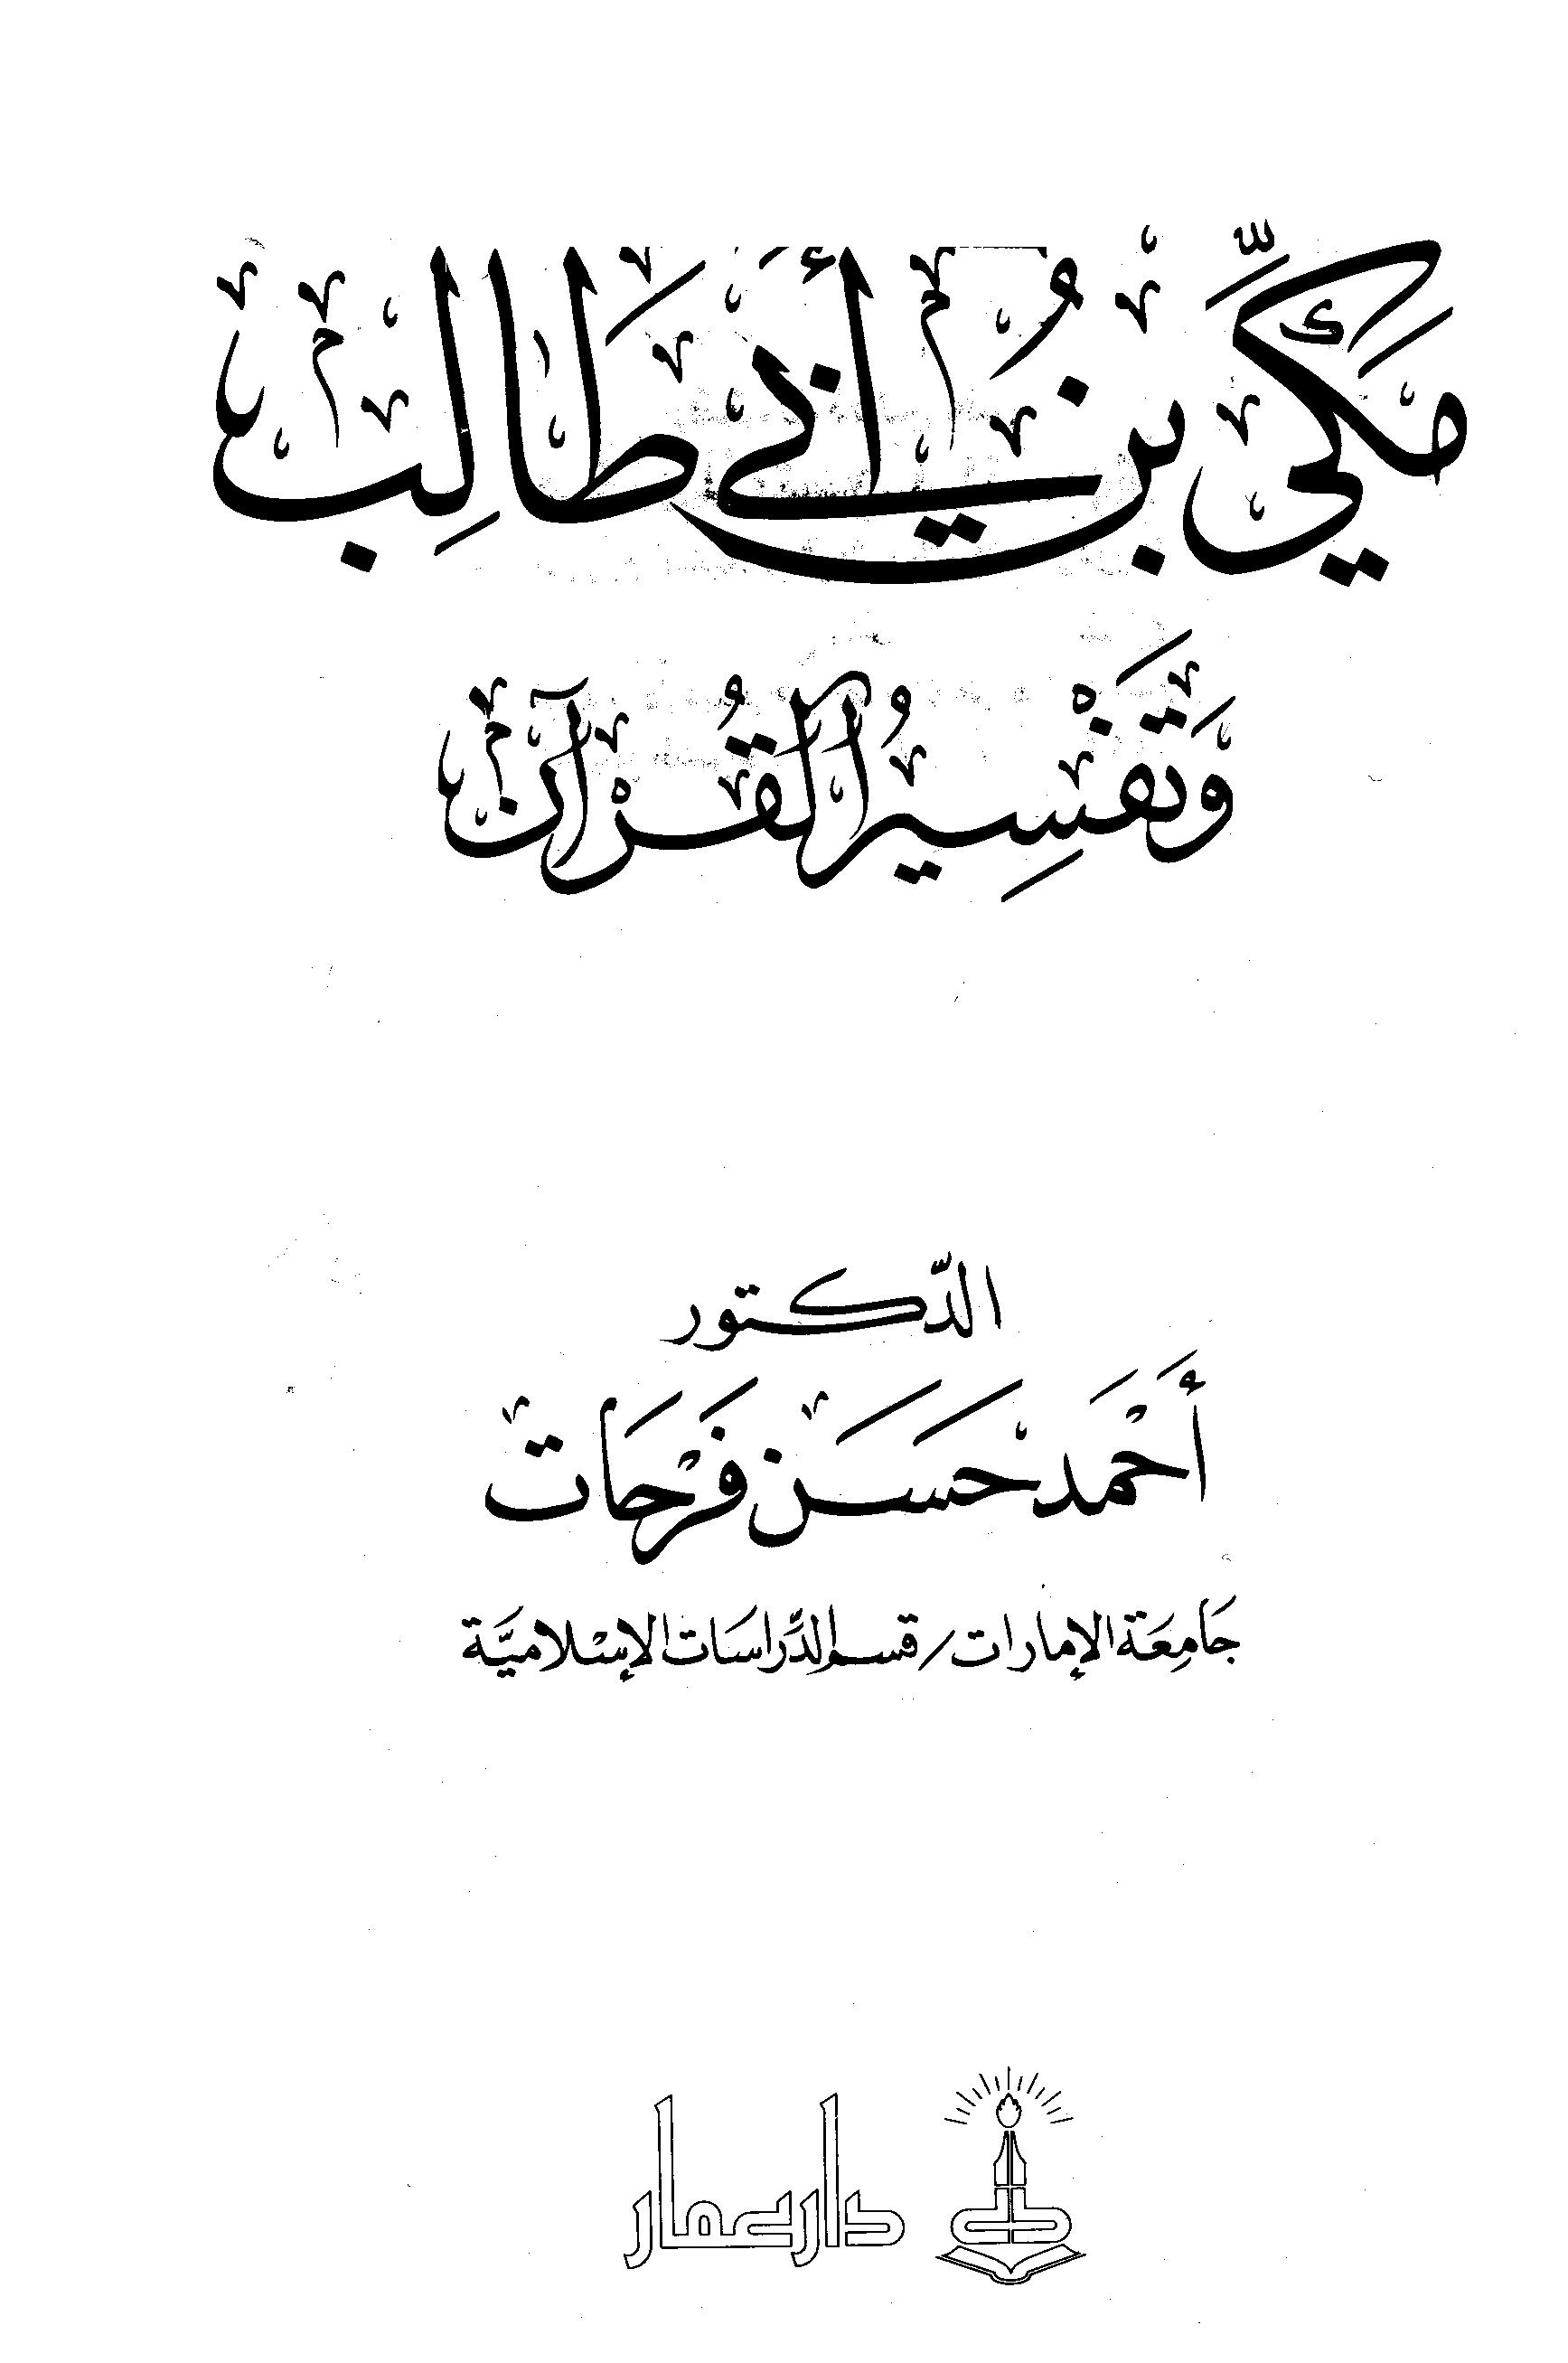 تحميل كتاب مكي بن أبي طالب وتفسير القرآن لـِ: الدكتور أحمد بن حسن فرحات